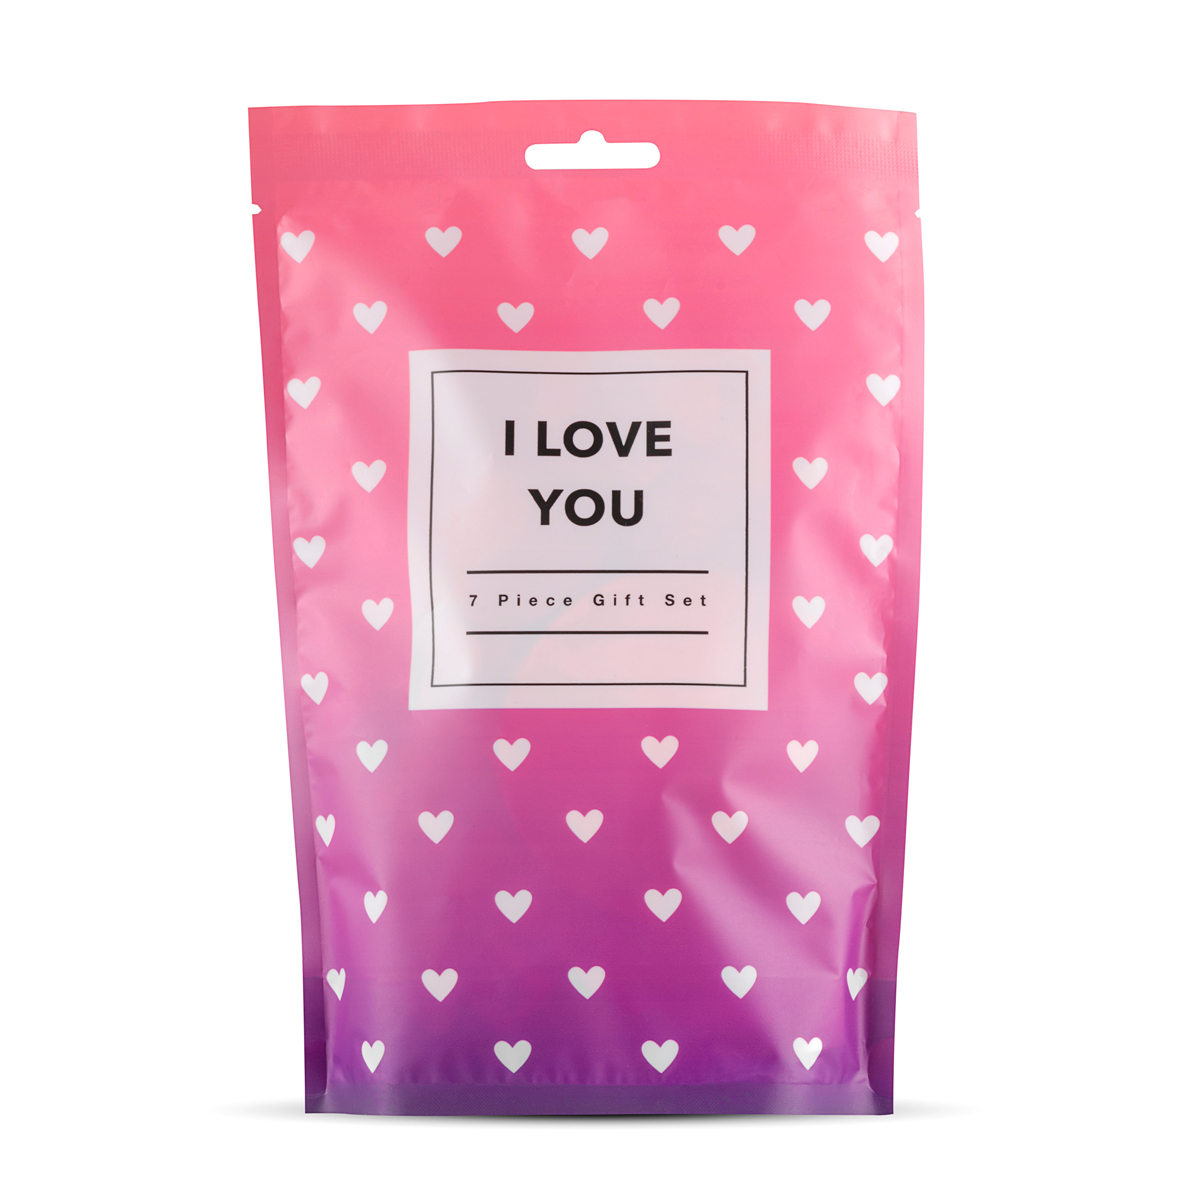 Подаръчен комплект от 7 части, обичам те – I Love You